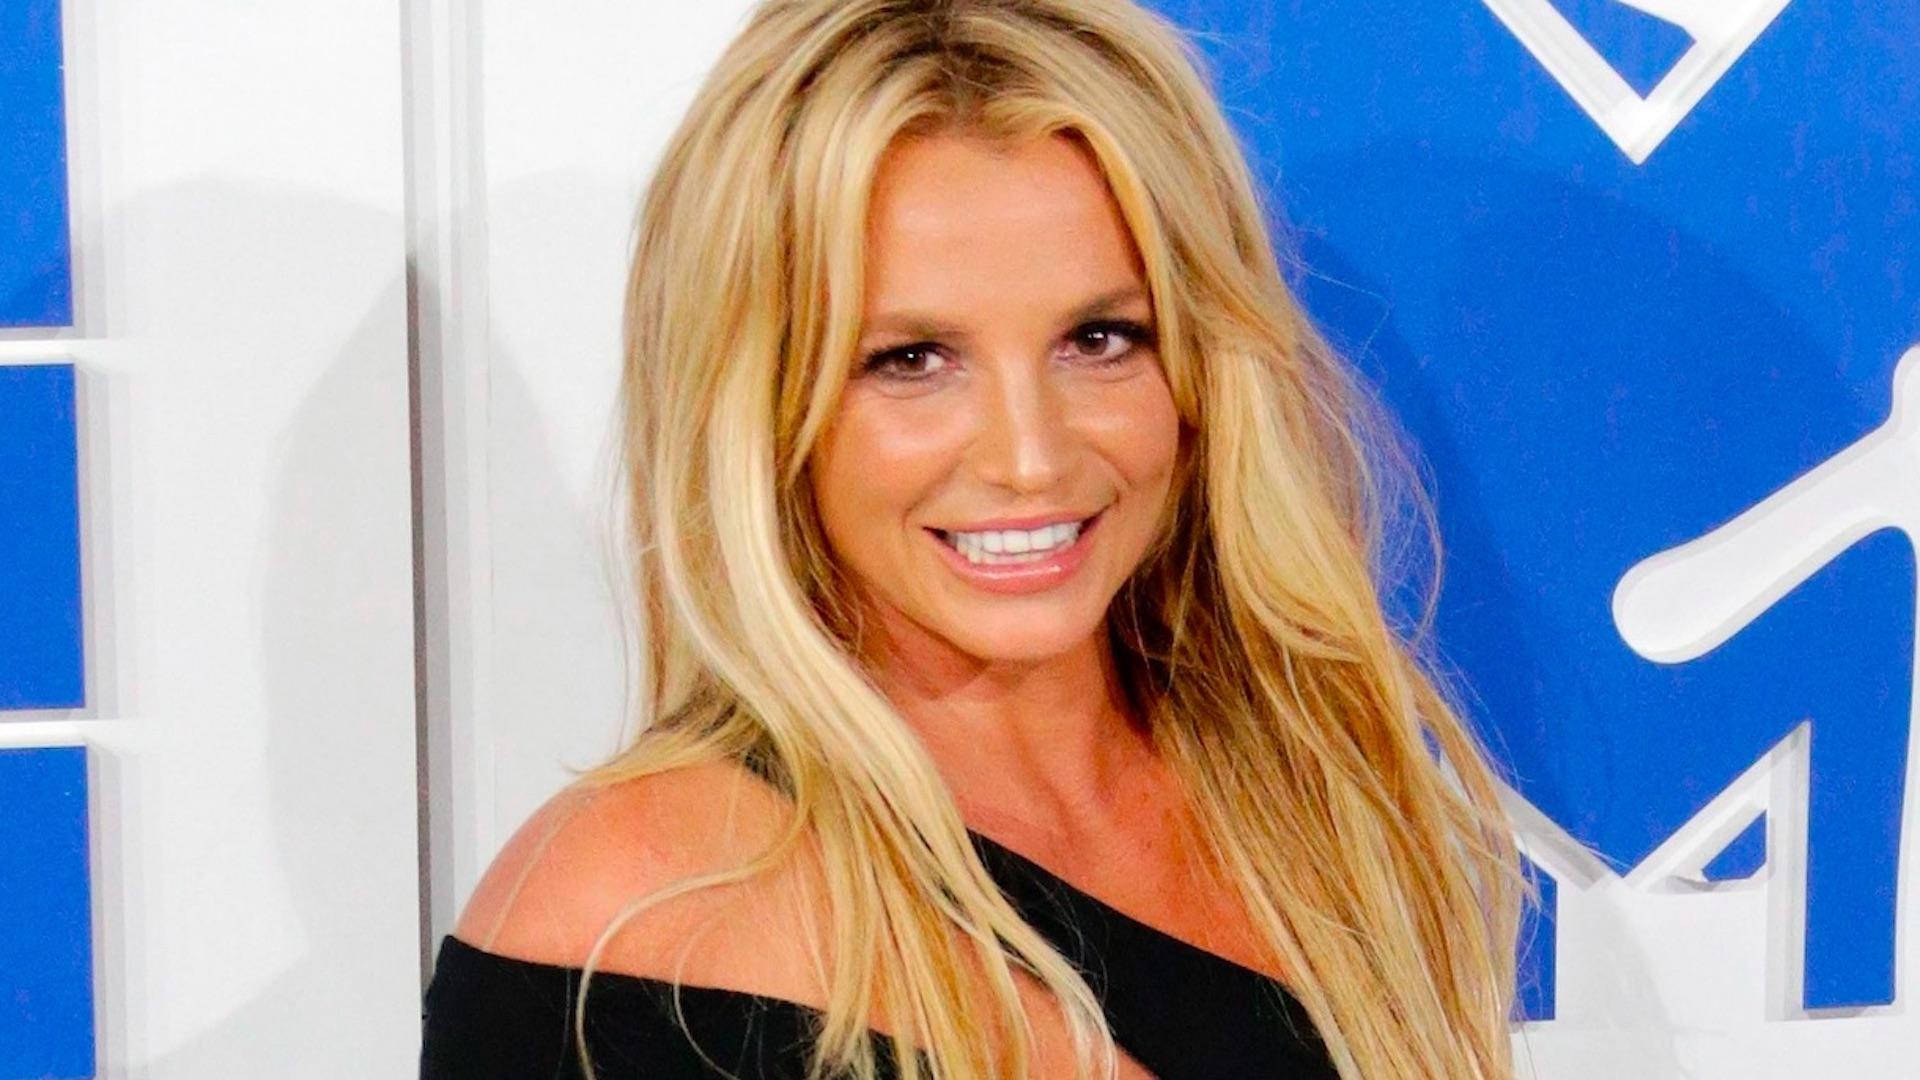 Madre de Britney Spears pide que su hija pueda escoger a un abogado. Foto de EFE